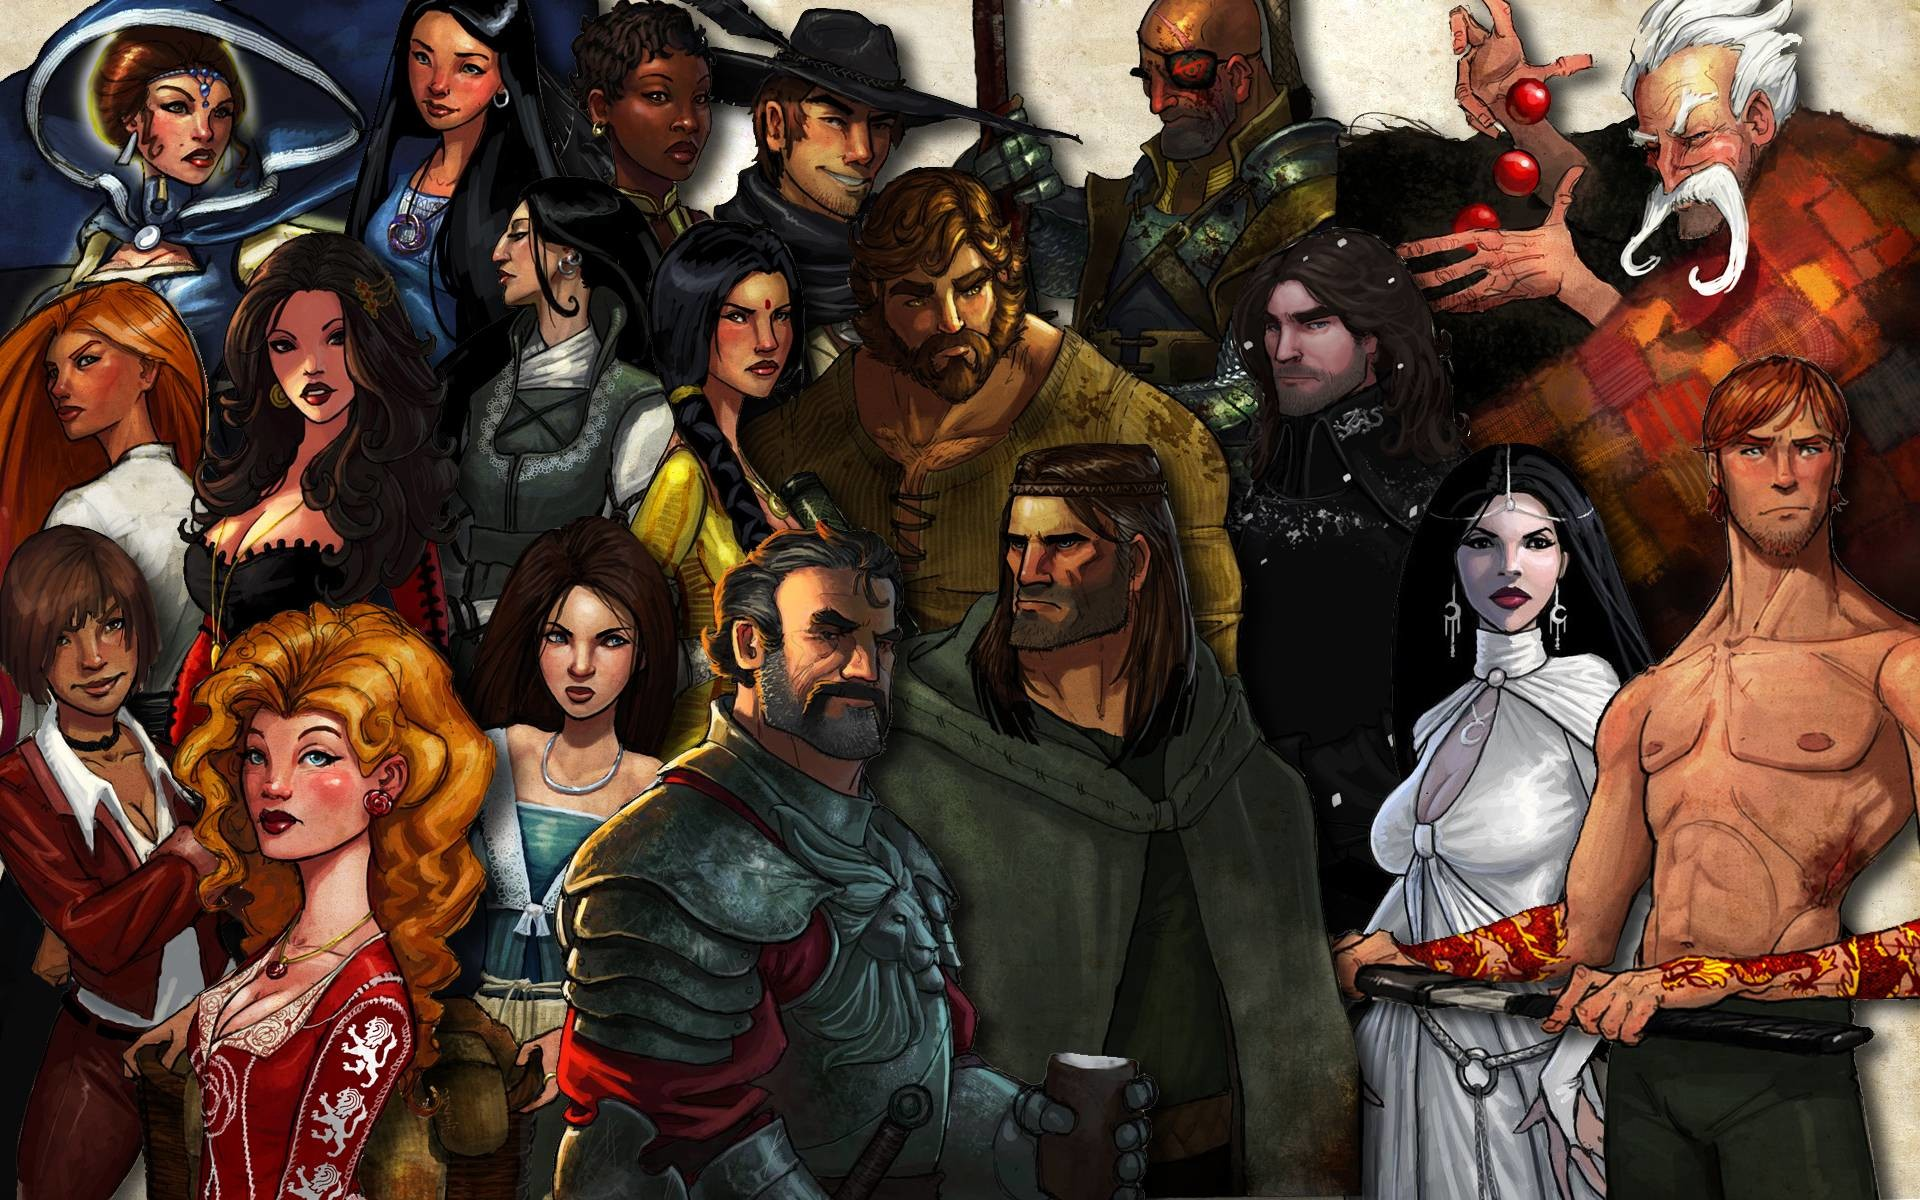 Cast of characters: https://i.imgur.com/nvnL3.jpg. Wheel of Time …